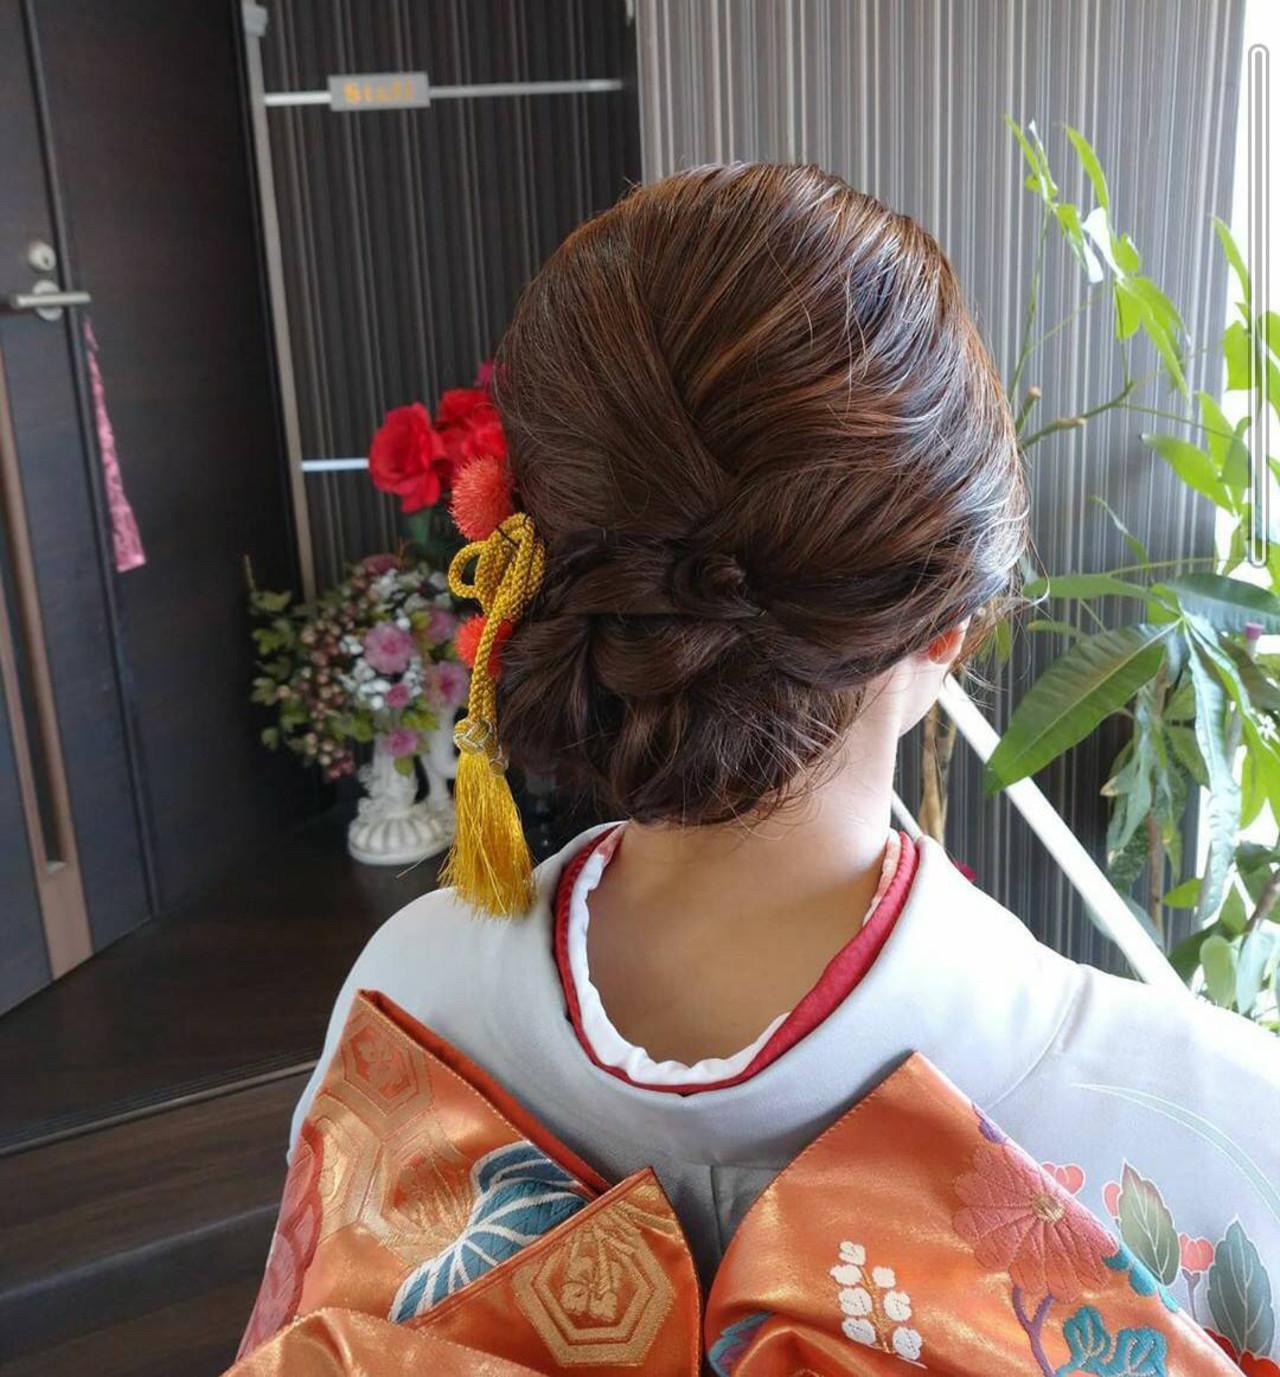 成人式ヘアメイク着付け 結婚式 エレガント 結婚式ヘアアレンジ ヘアスタイルや髪型の写真・画像 | rumiLINKS美容室 / リンクス美容室